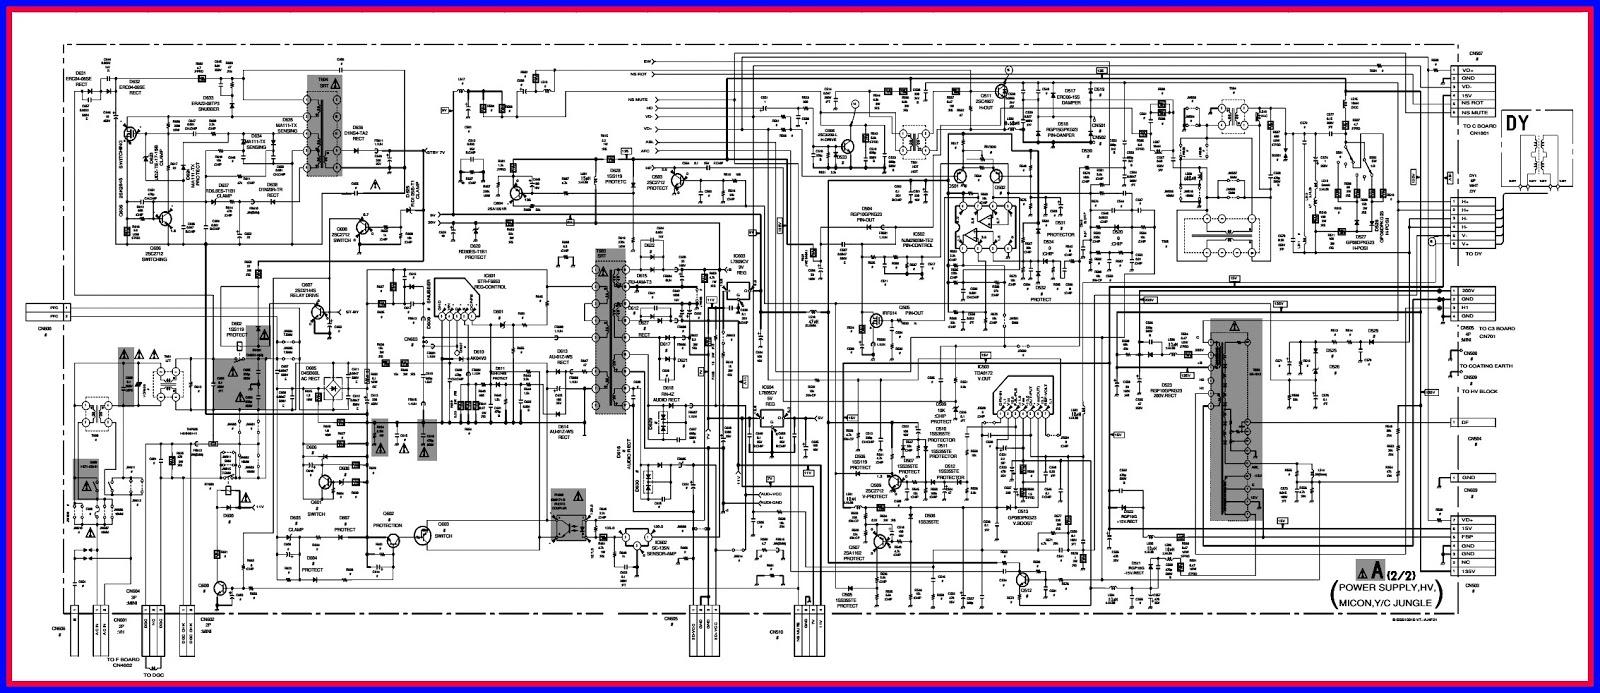 sony tv wiring diagram simple wiring schema relay circuit diagram sony circuit diagram [ 1600 x 693 Pixel ]